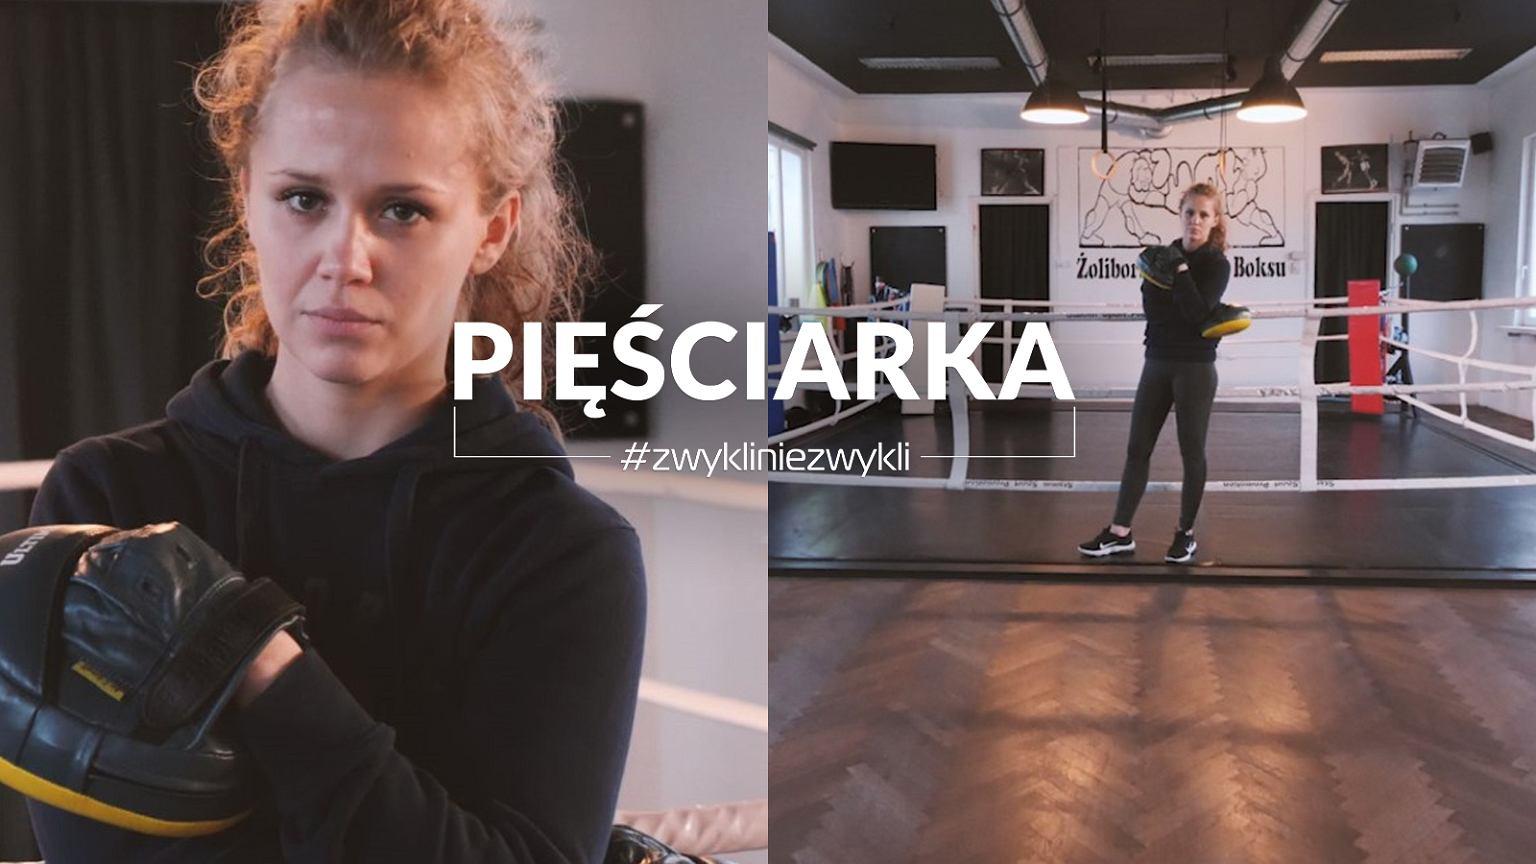 Justyna Żełobowska - była zawodniczka boksu olimpijskiego i trenerka boksu